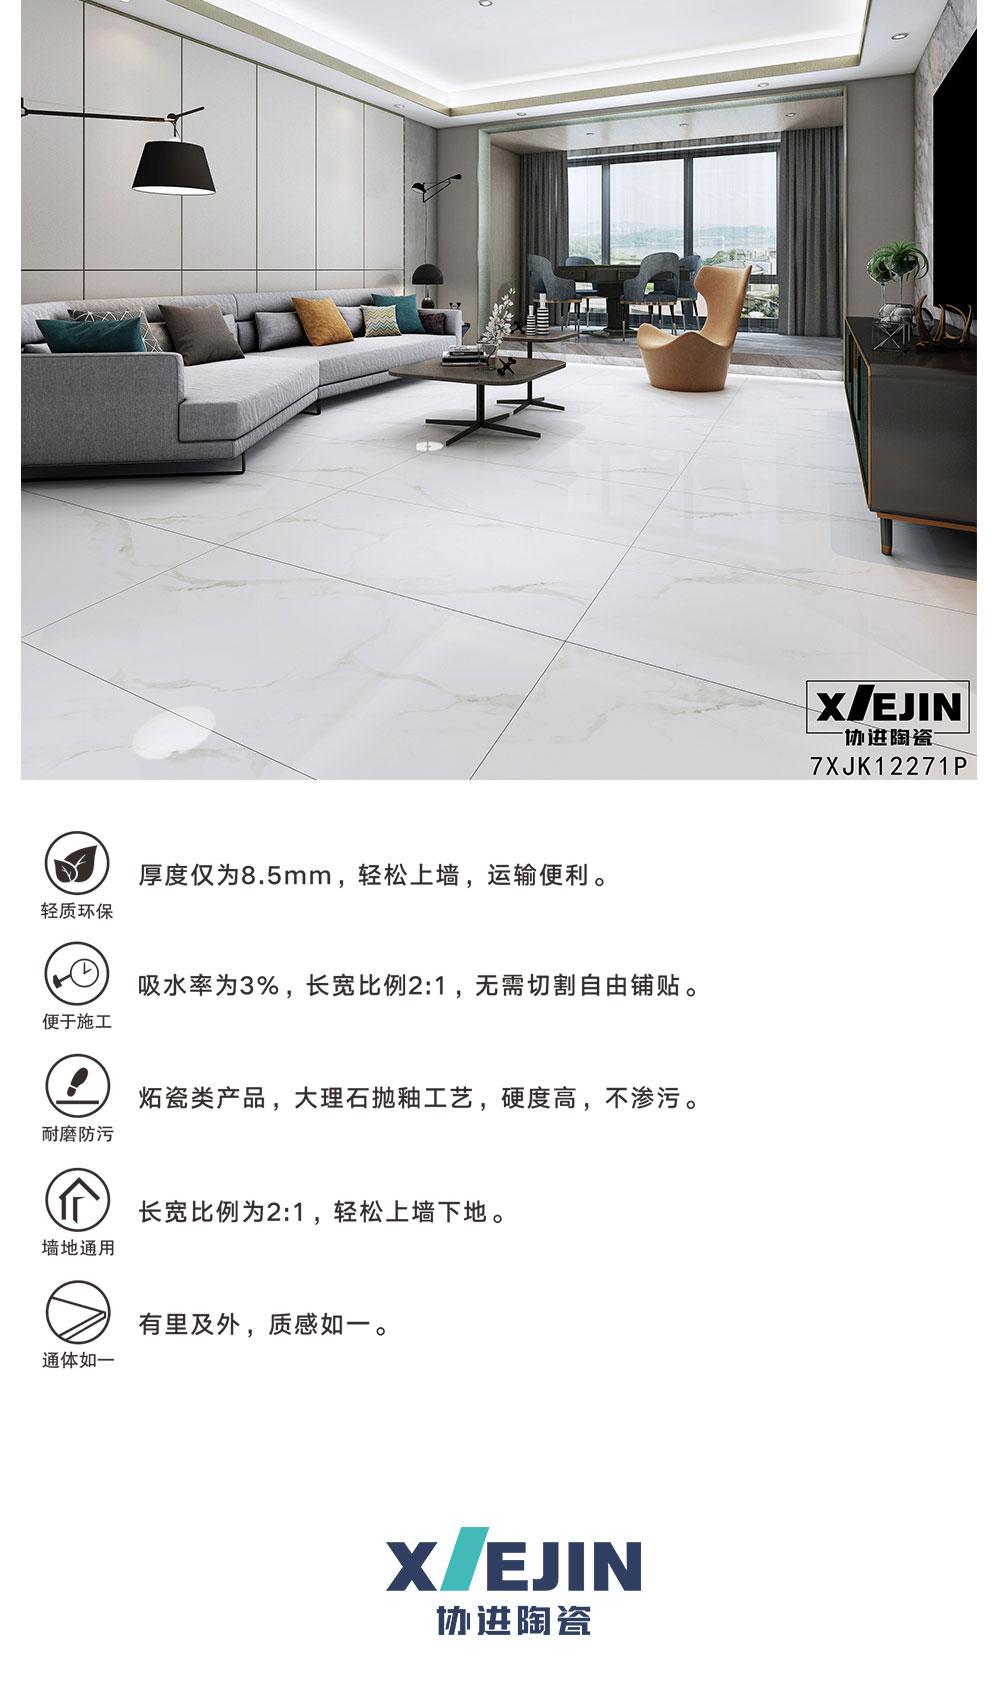 7XJK12271P_04.jpg